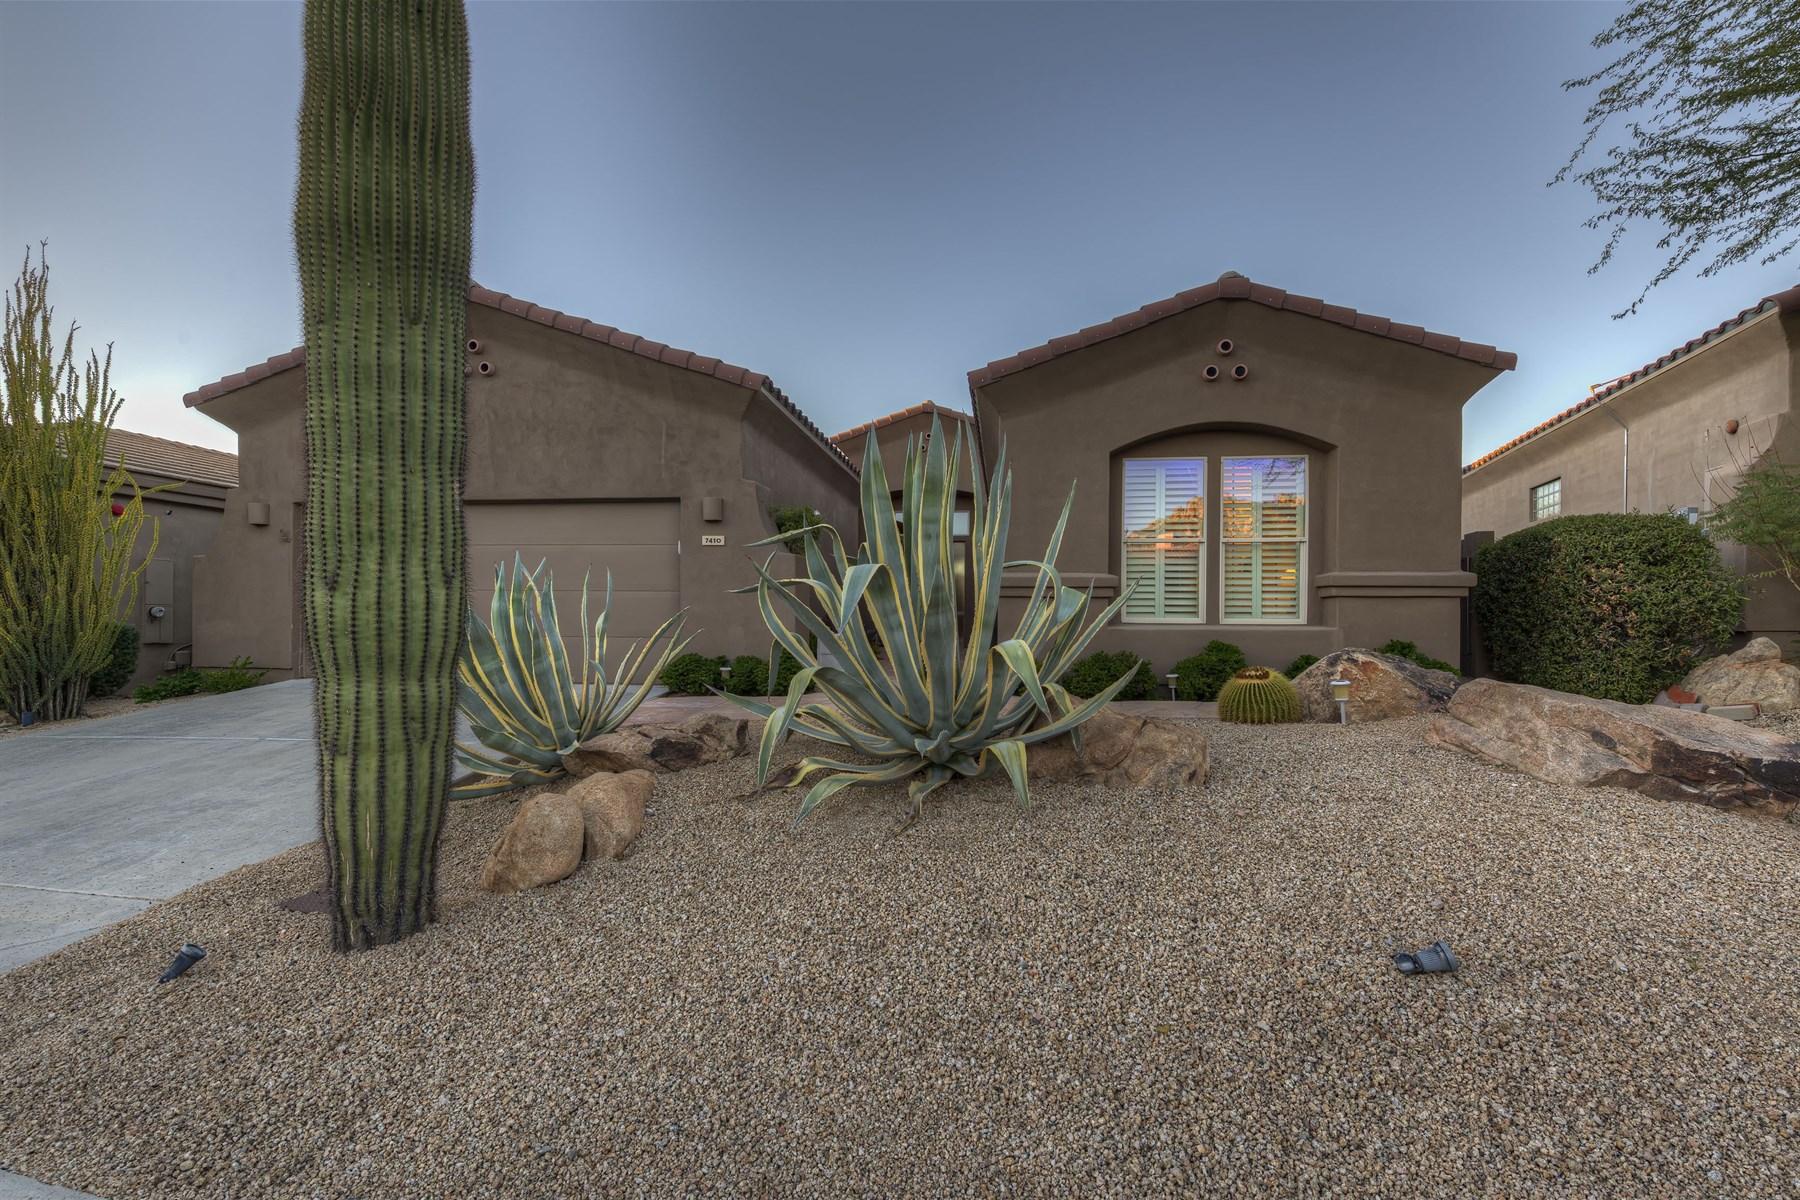 Casa para uma família para Venda às Immaculate home in Winfield 7410 E Soaring Eagle Way Scottsdale, Arizona 85266 Estados Unidos